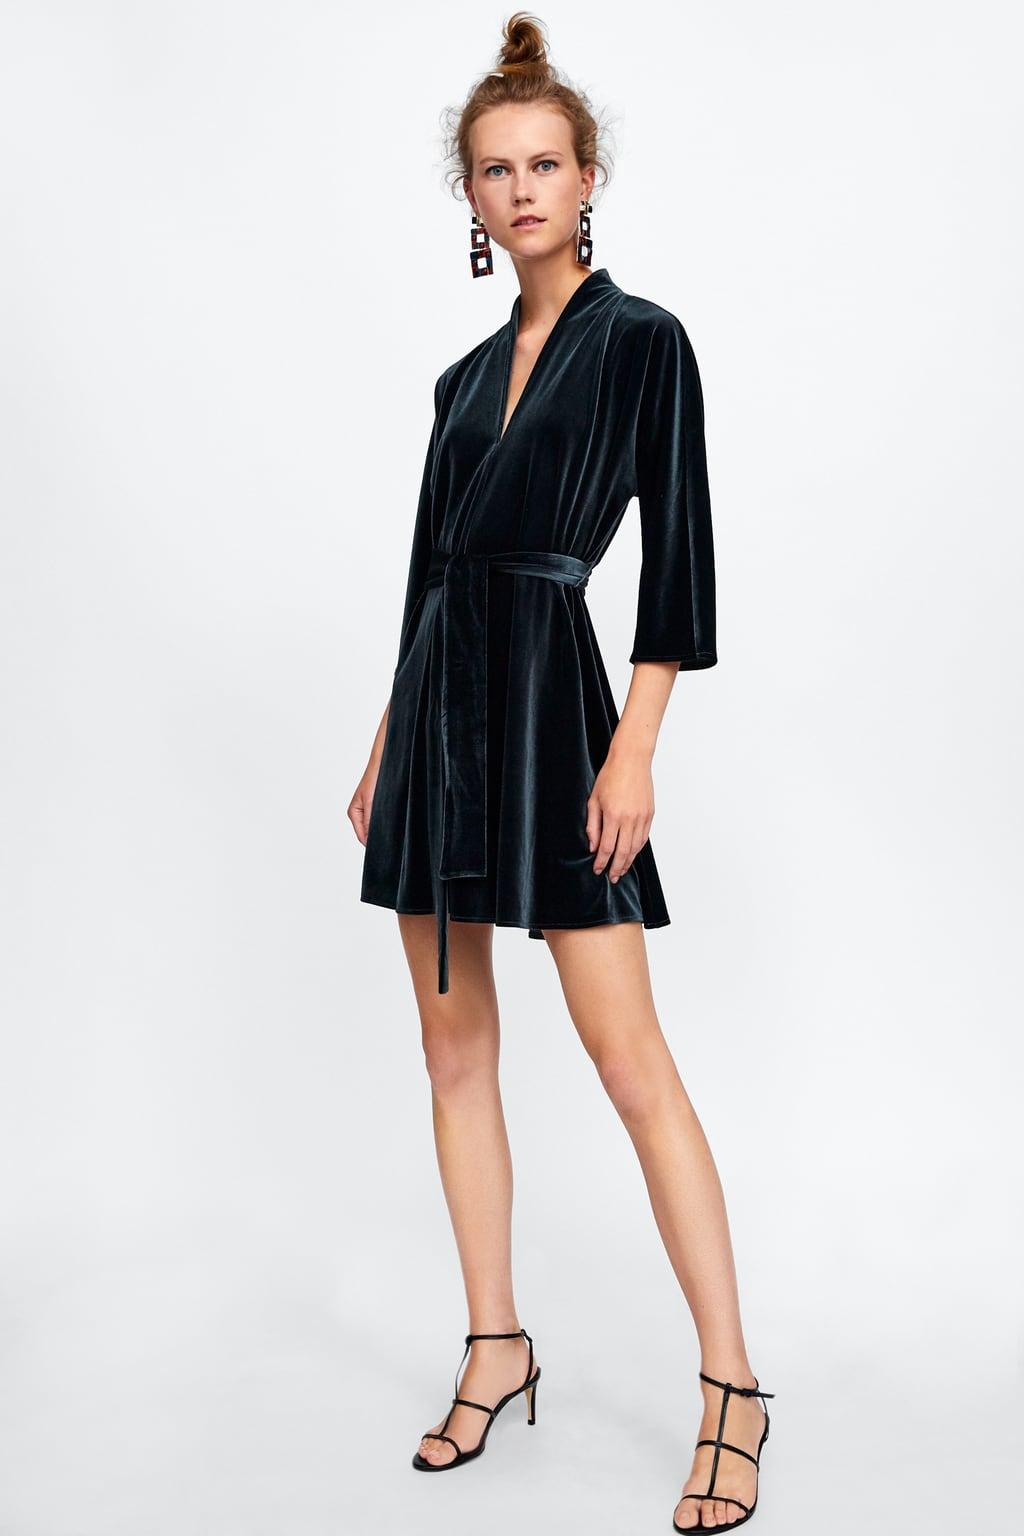 Модель в черном бархатном платье мини